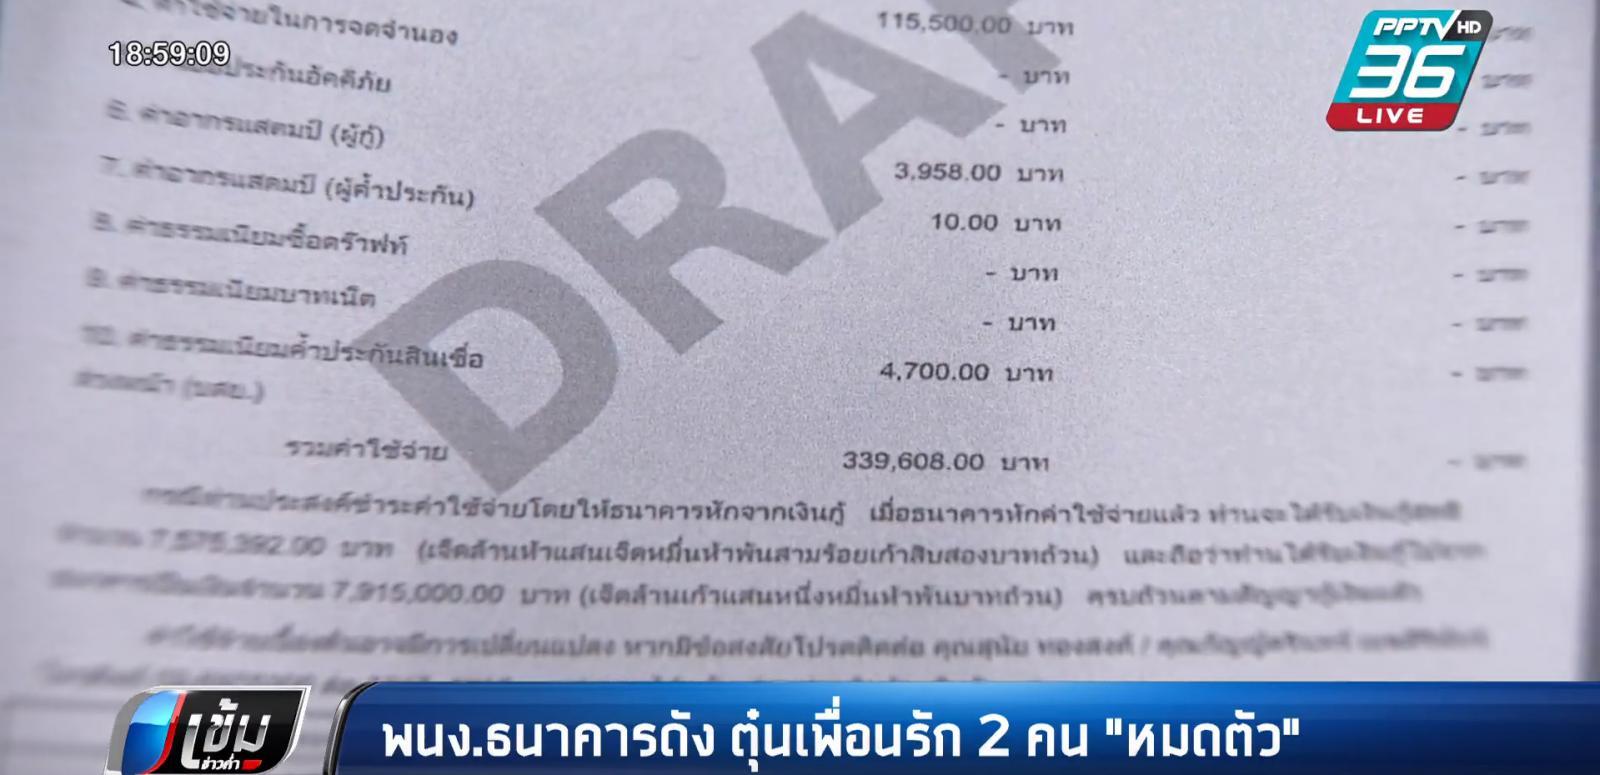 พนง.สินเชื่อแบงก์ดัง หลอก 2 เพื่อนรัก ชวนลงทุนปล่อยเงินกู้ SME สูญ 20 ล้าน